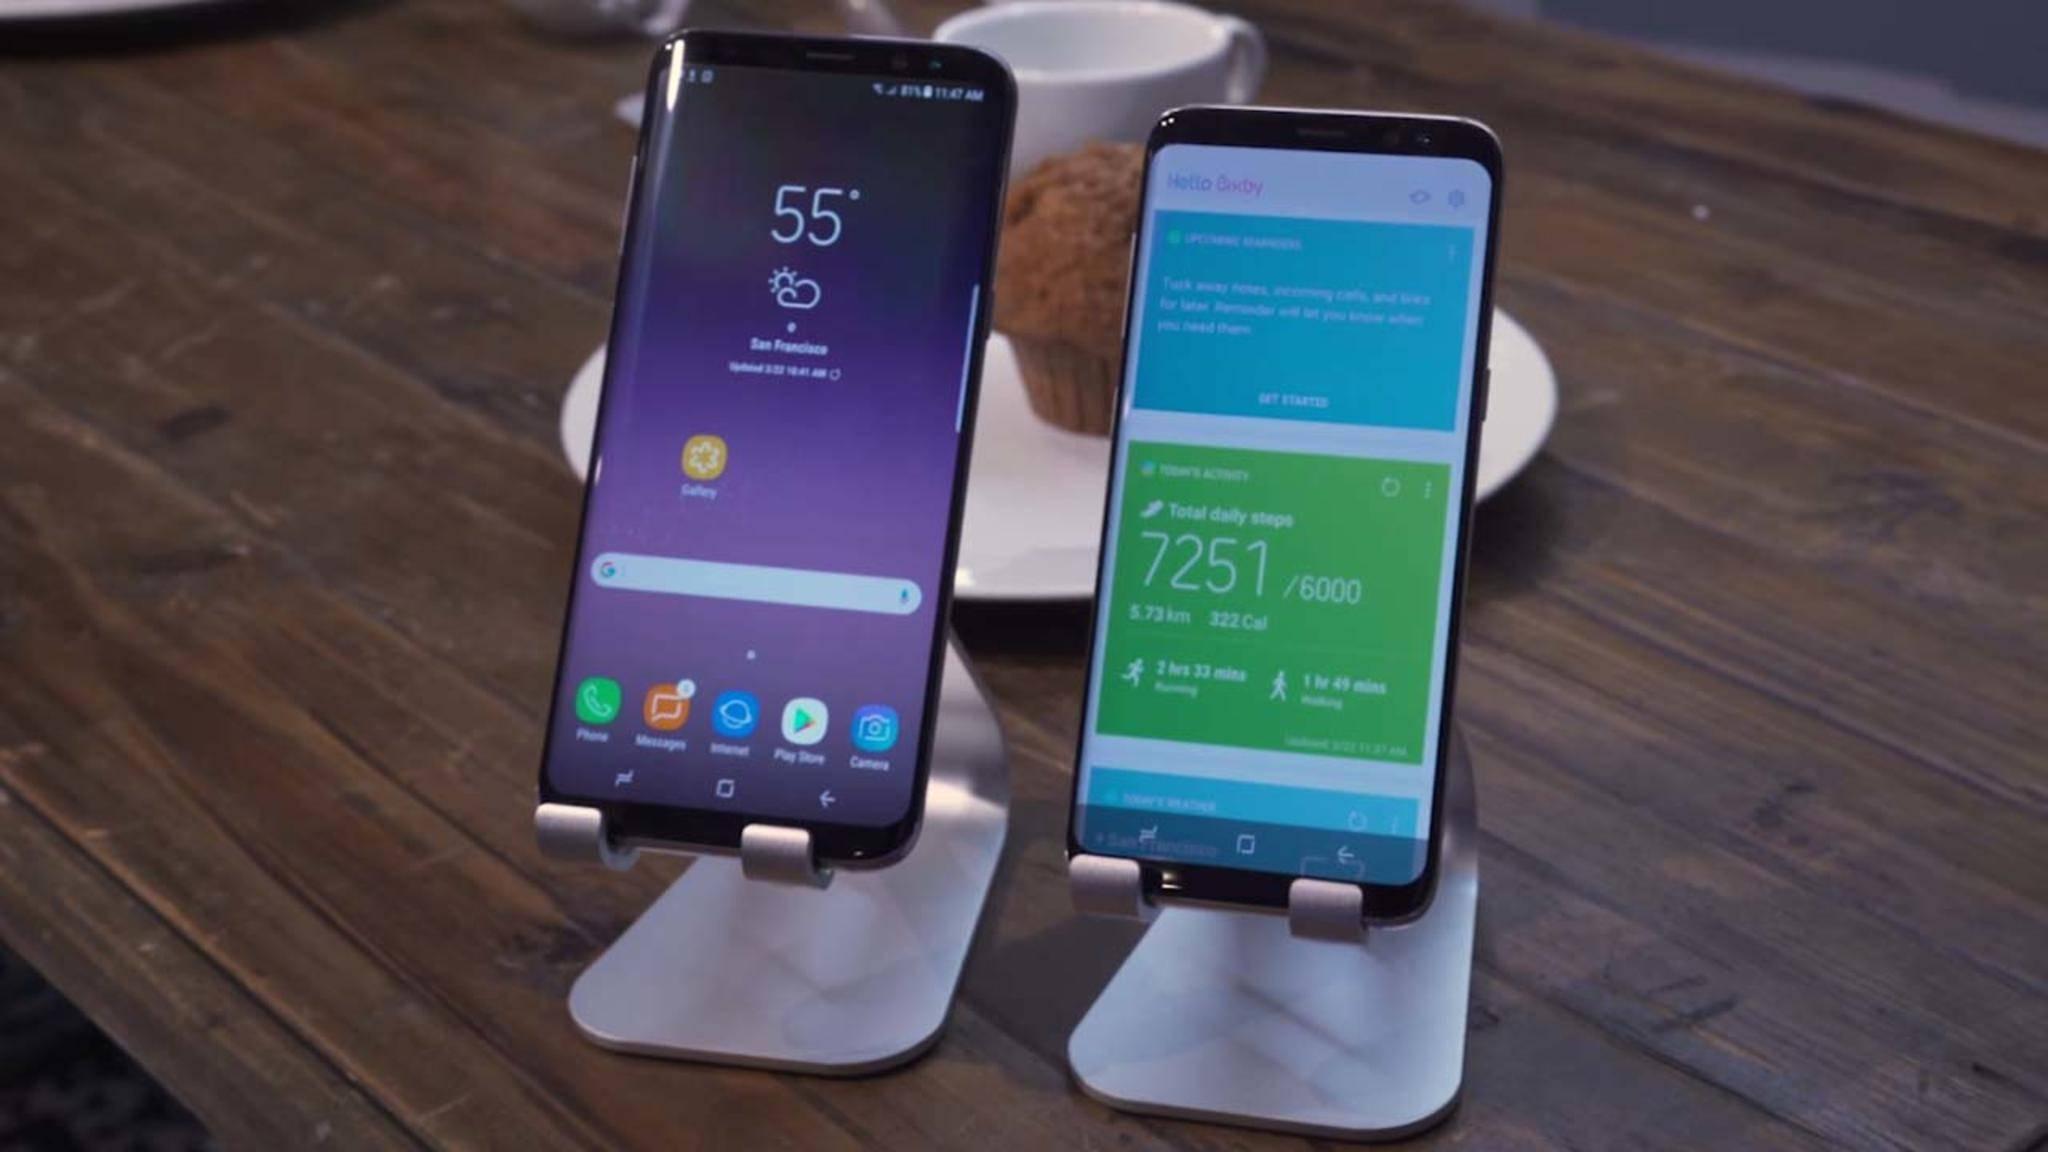 Die App-Icons sind beim Galaxy S8 minimalistischer designt und die Navigationsleiste auf dem Display ist neu.